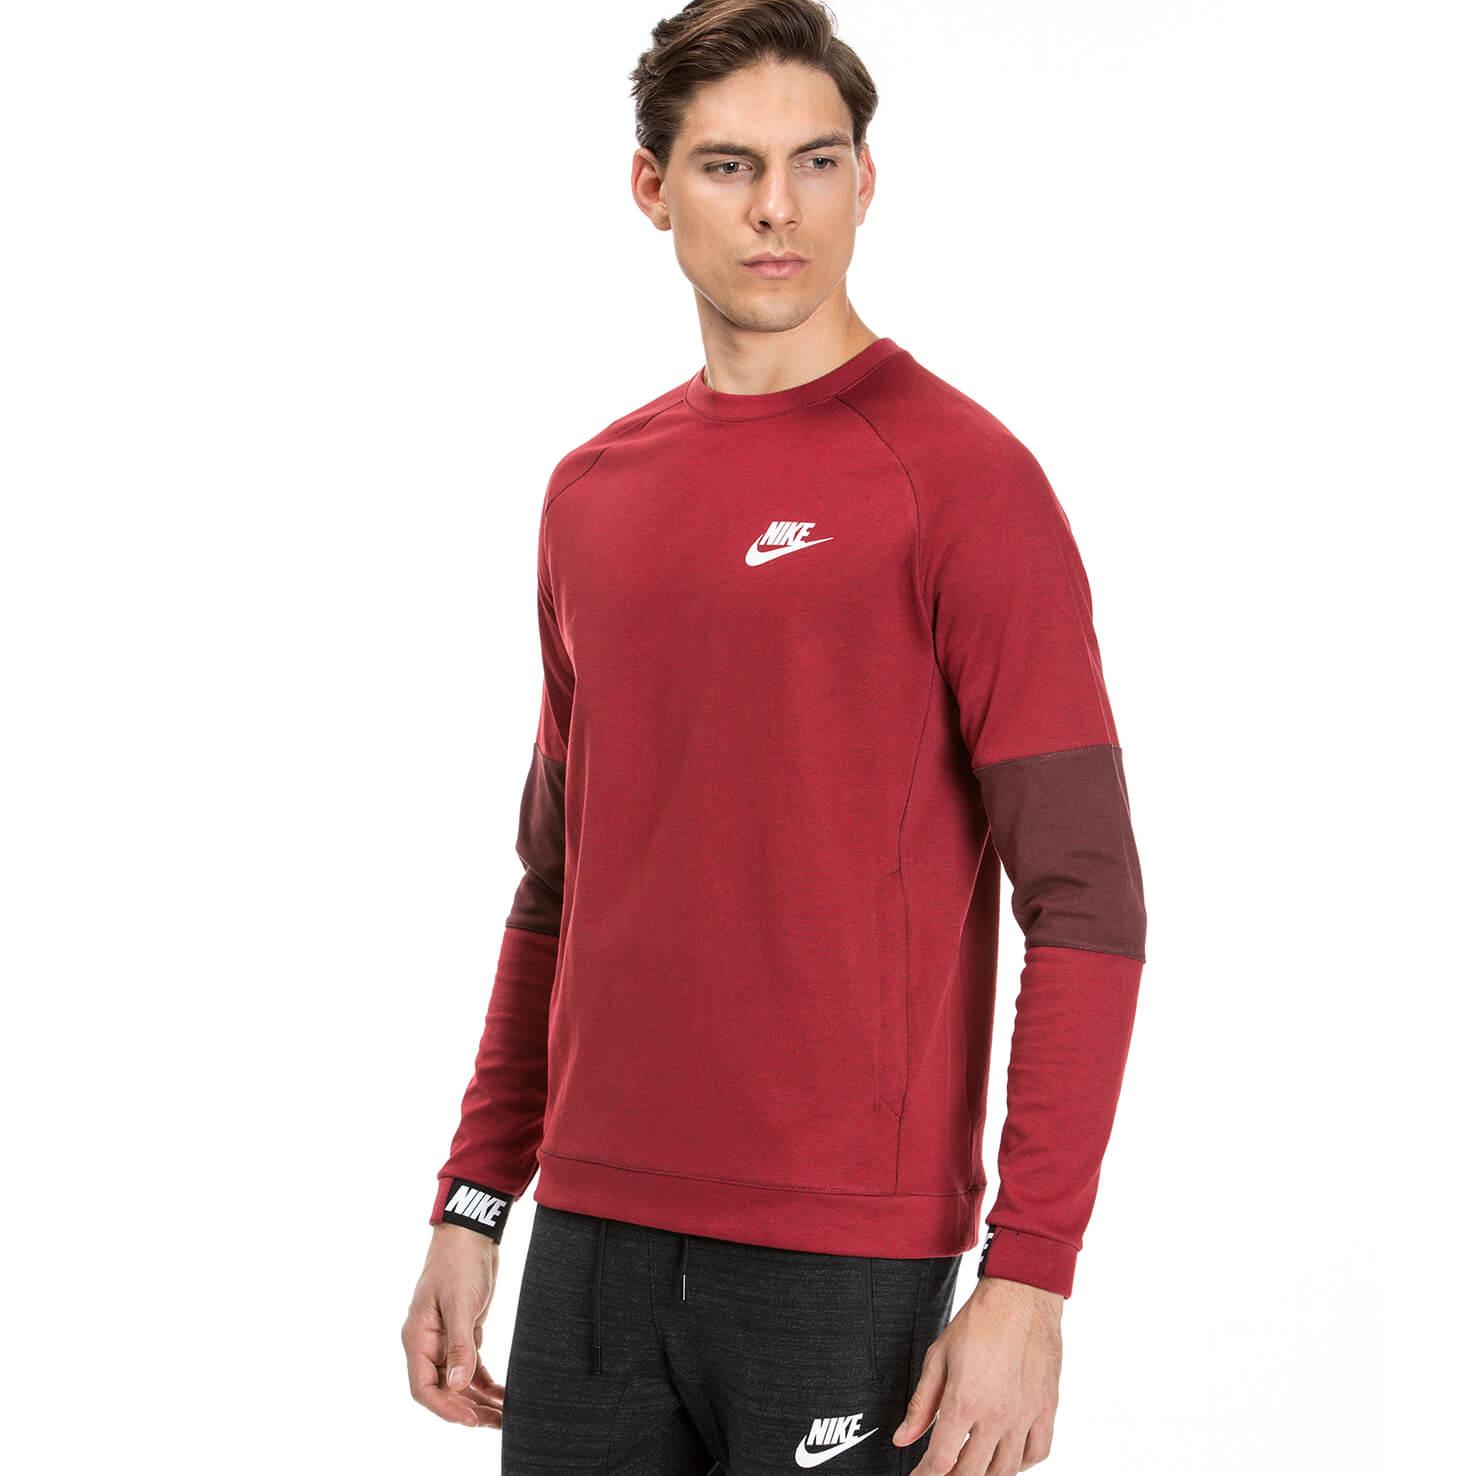 Nike Av15 Crw Flc Erkek Kırmızı Sweatshirt